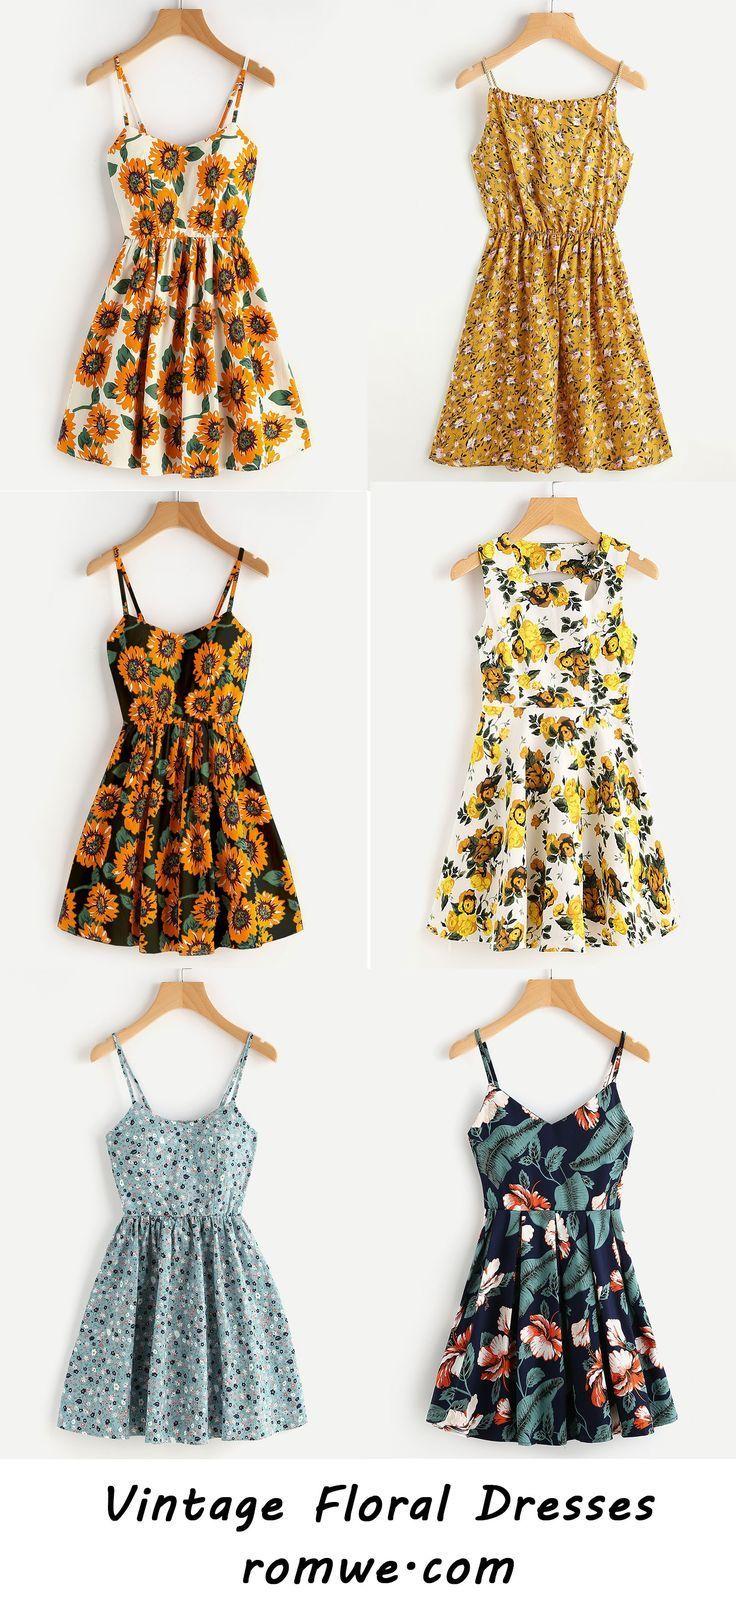 Blumenkleider mit weichem Material, speziellem Design und Vintage-Muster aus … #blumenkleid…